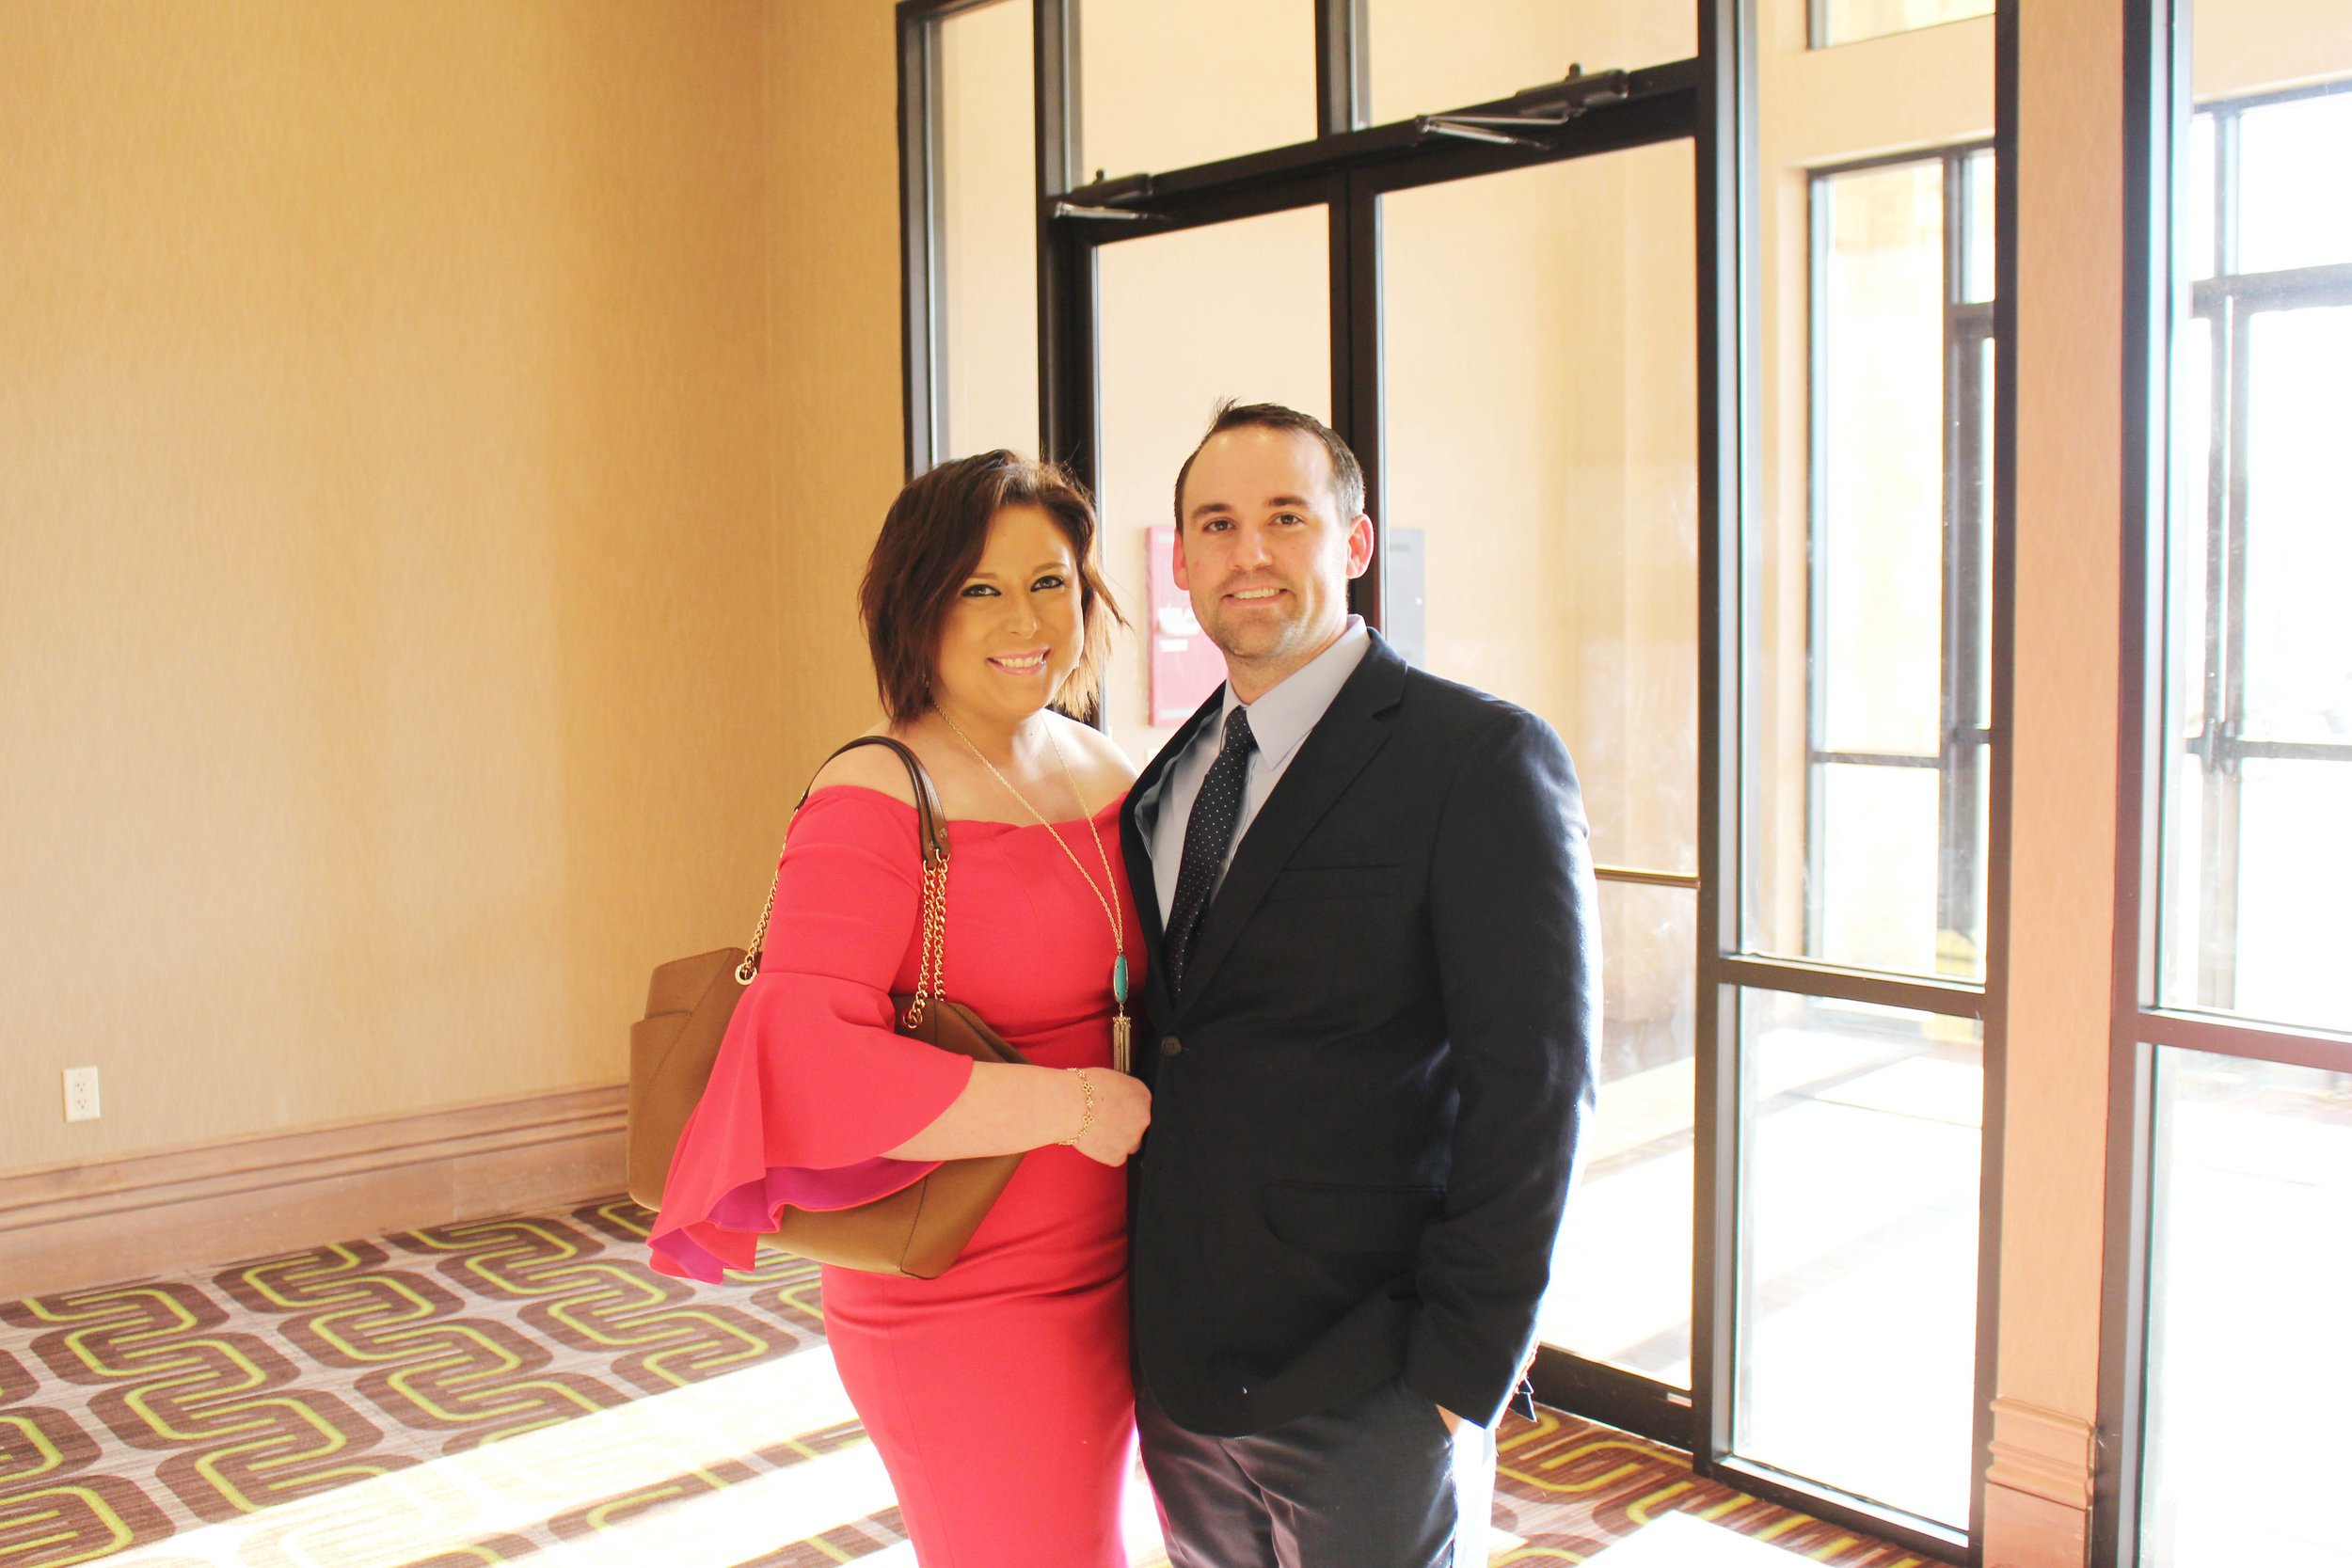 Kayla and Aaron Lewis